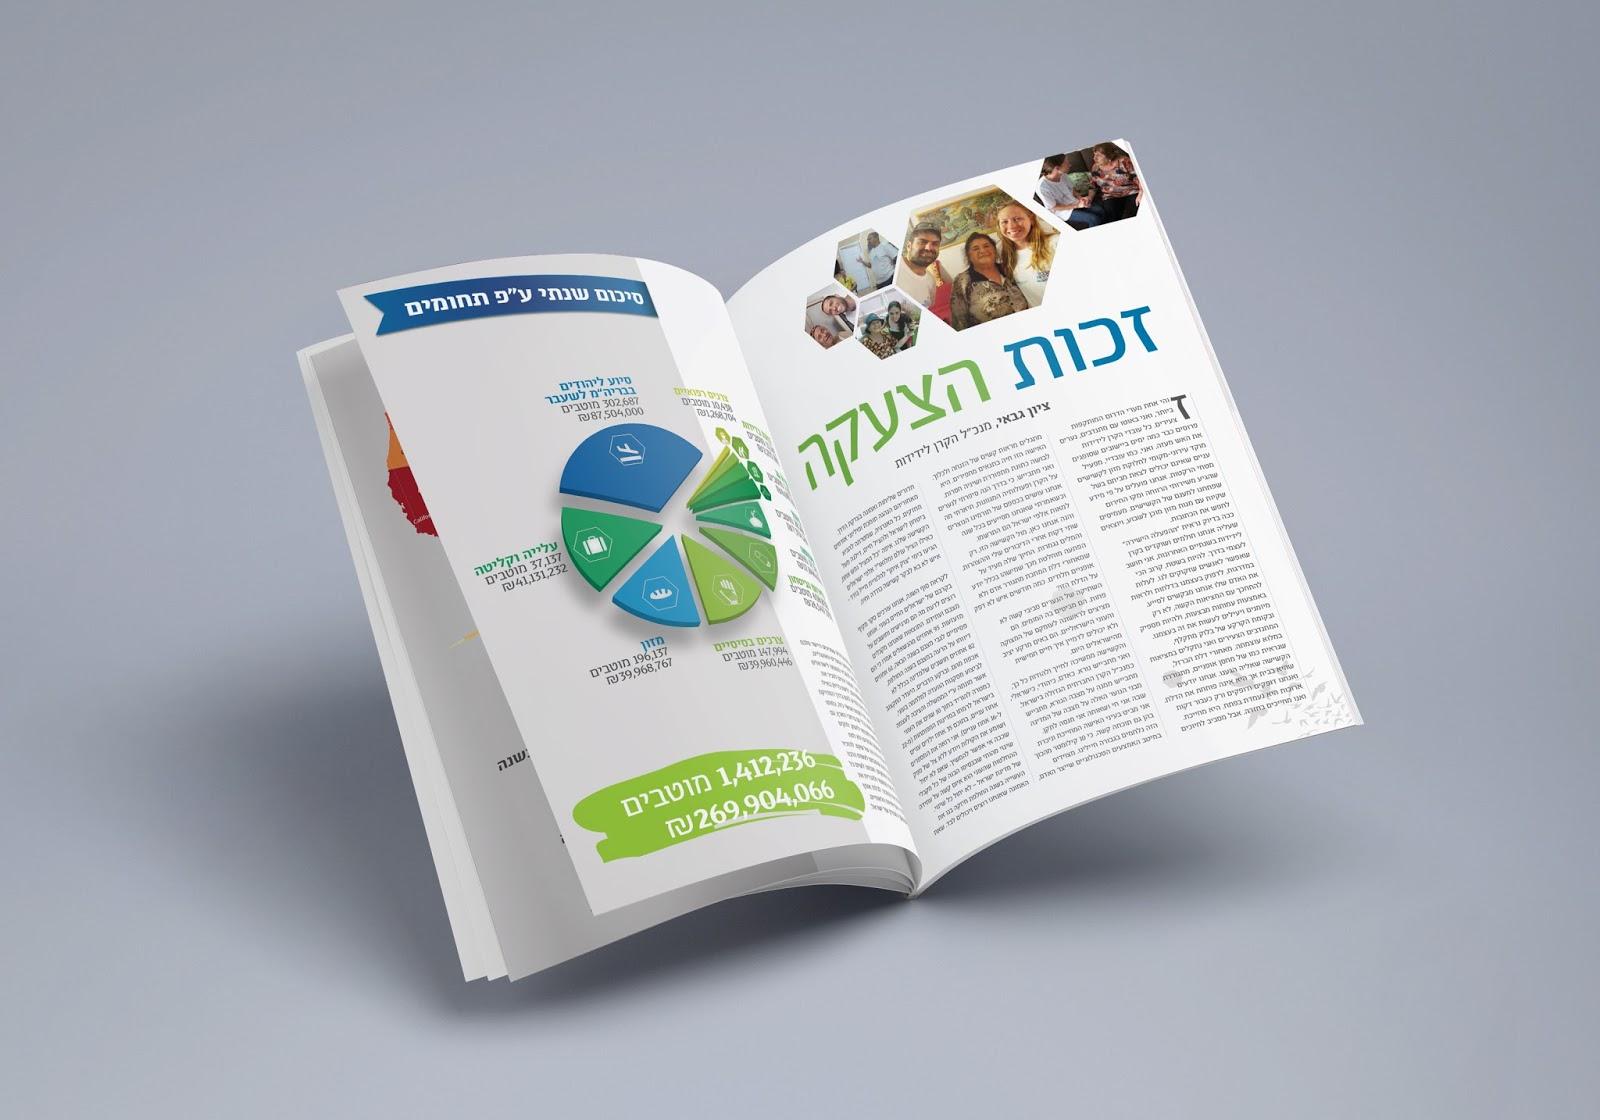 עיצוב גרפי של כפולת עמודים מתוך הדוח השנתי של הקרן לידידות